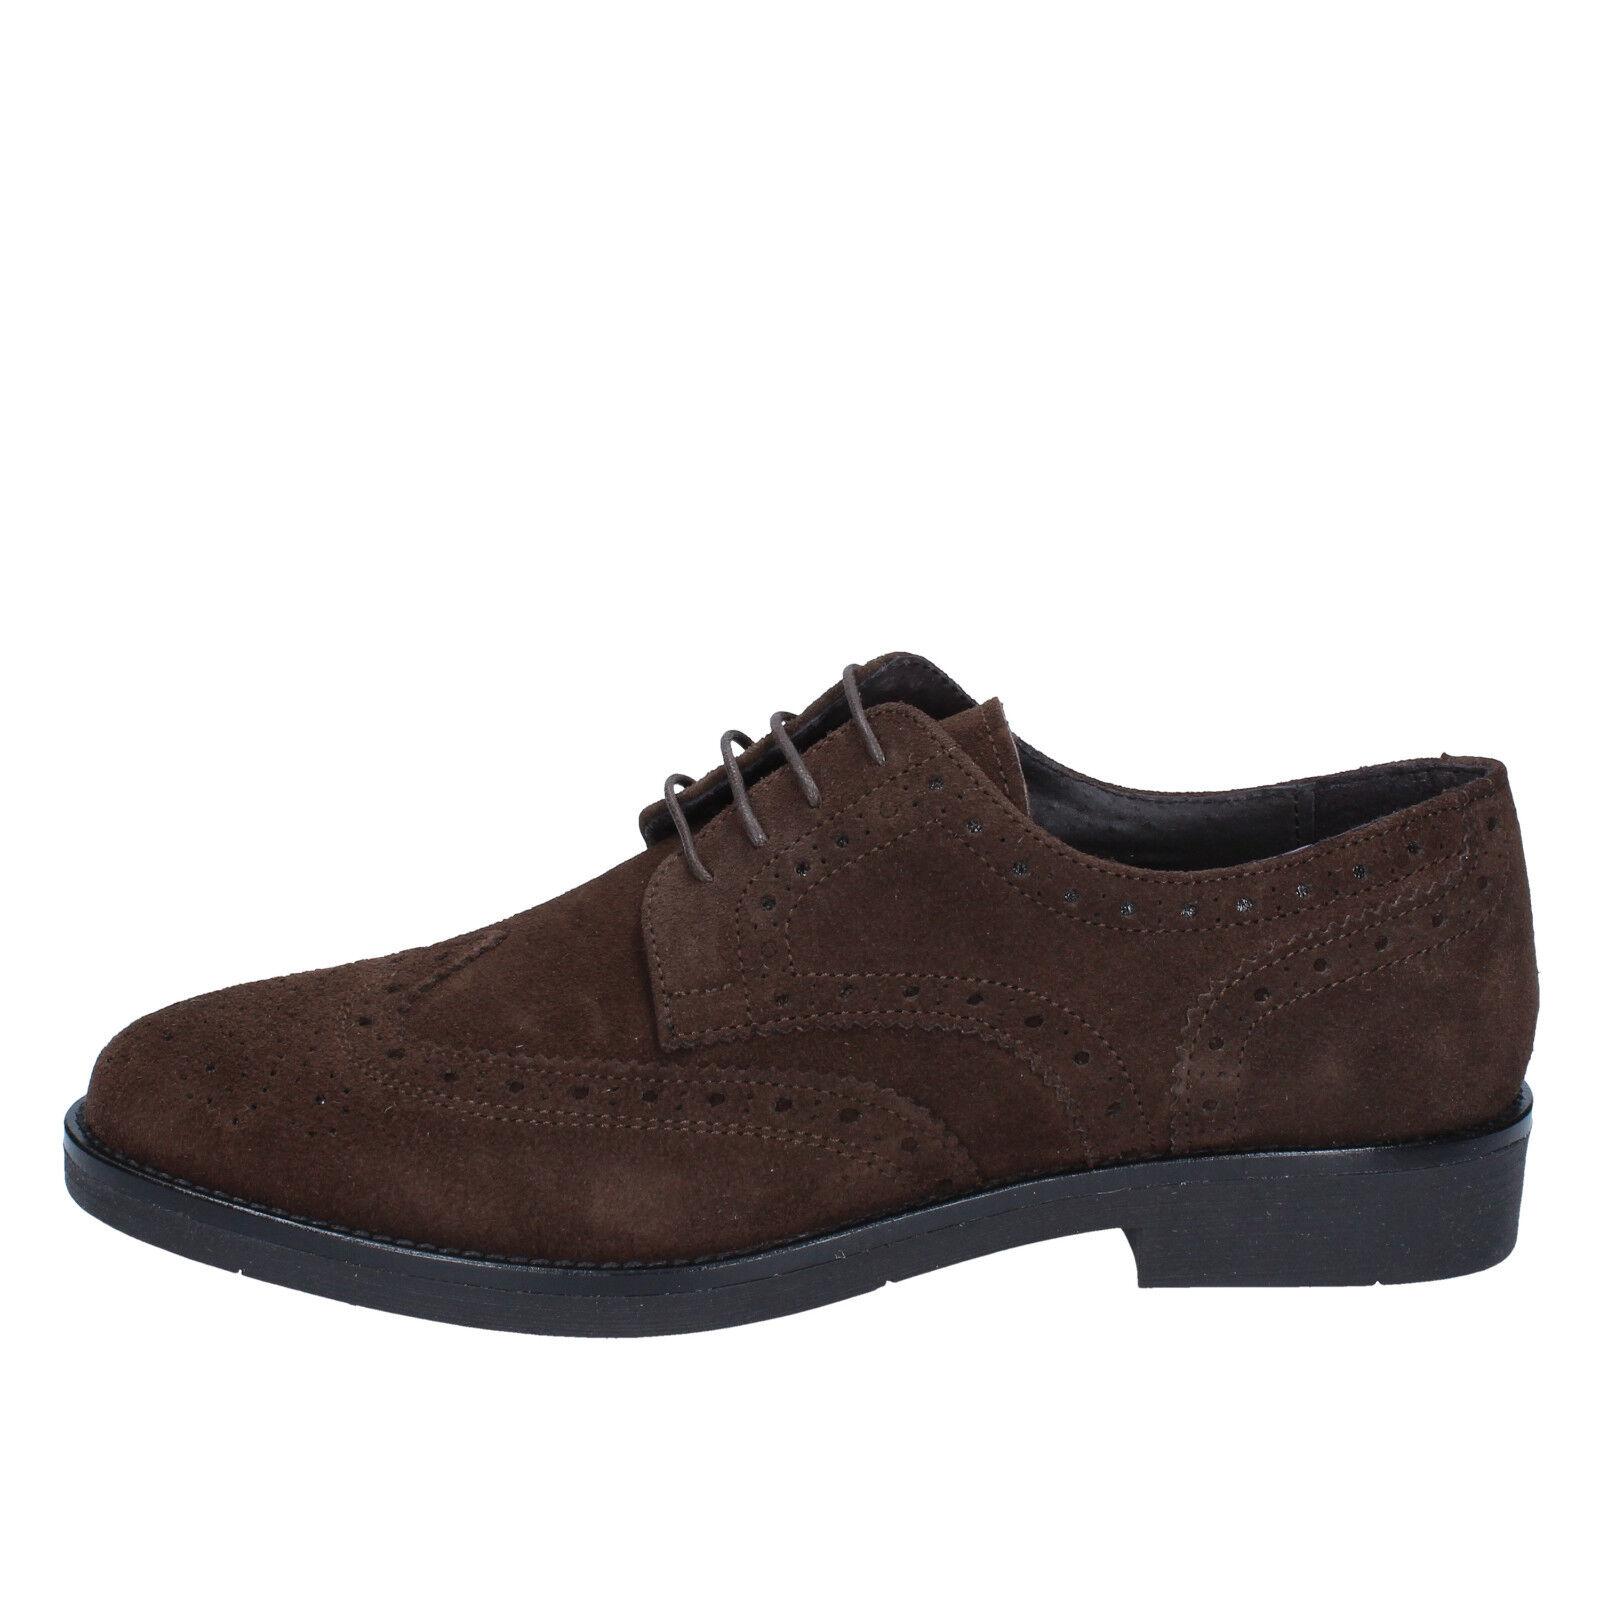 scarpe elegante uomo J. BREITLIN 42 elegante scarpe t. moro camoscio BX164-42 1b8a56